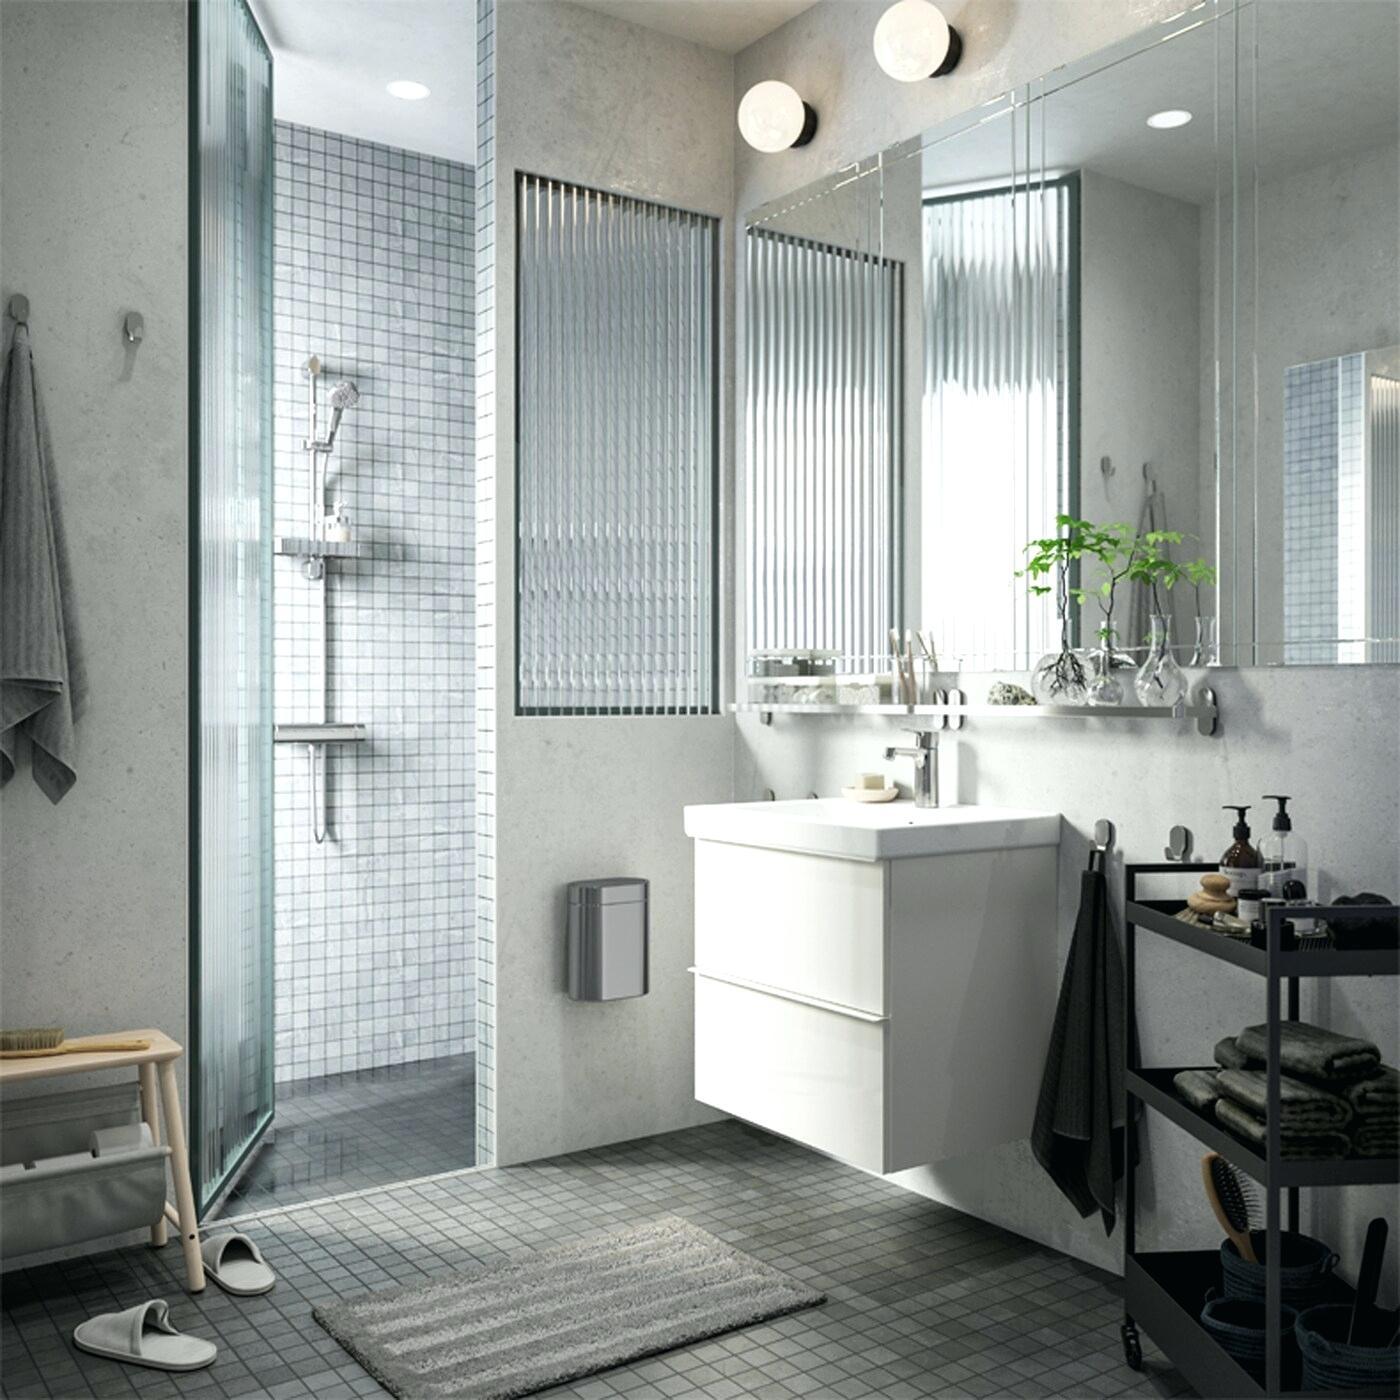 создание стильной ванной комнаты фото 6